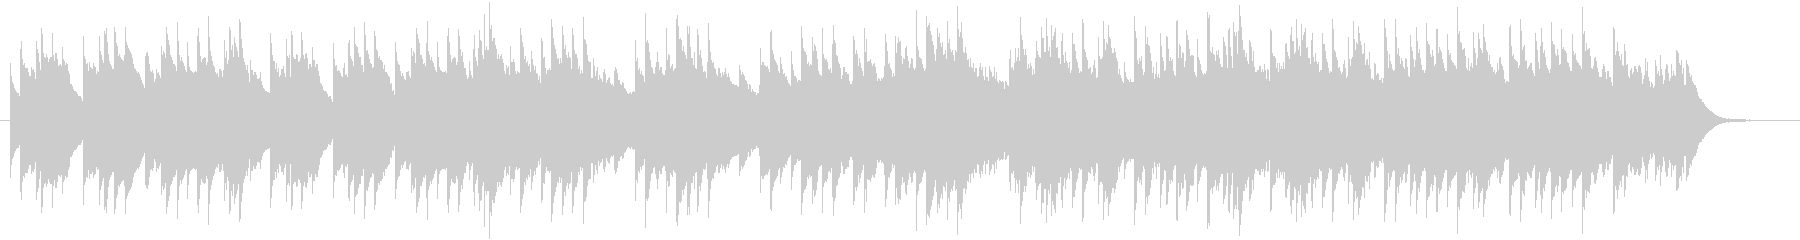 オルゴールによる優しい三拍子曲の未再生の波形